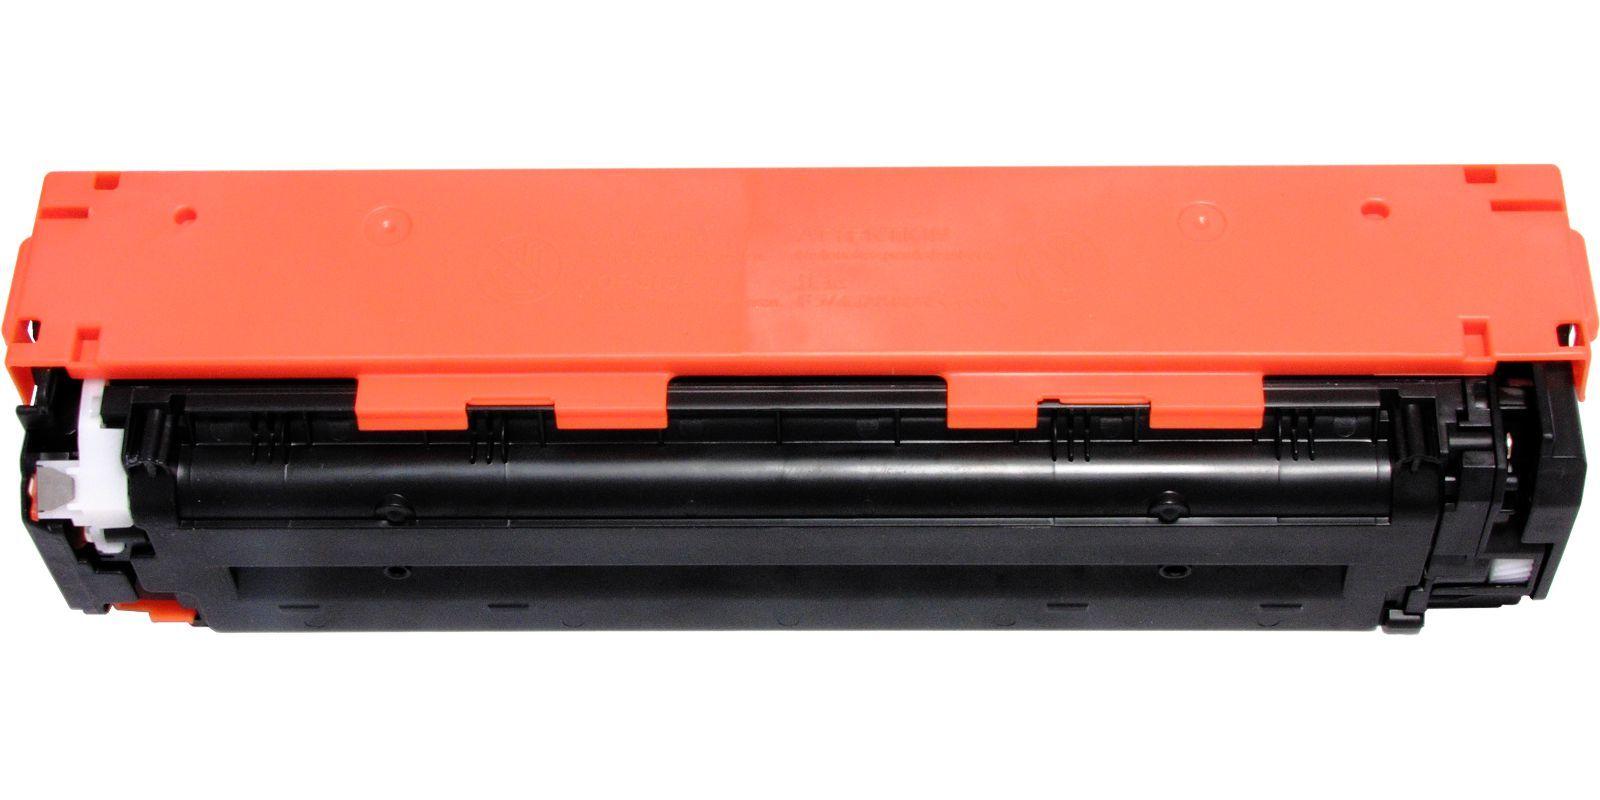 Картридж лазерный цветной Office Pro© 128A CE322A желтый (yellow), до 1300 стр.